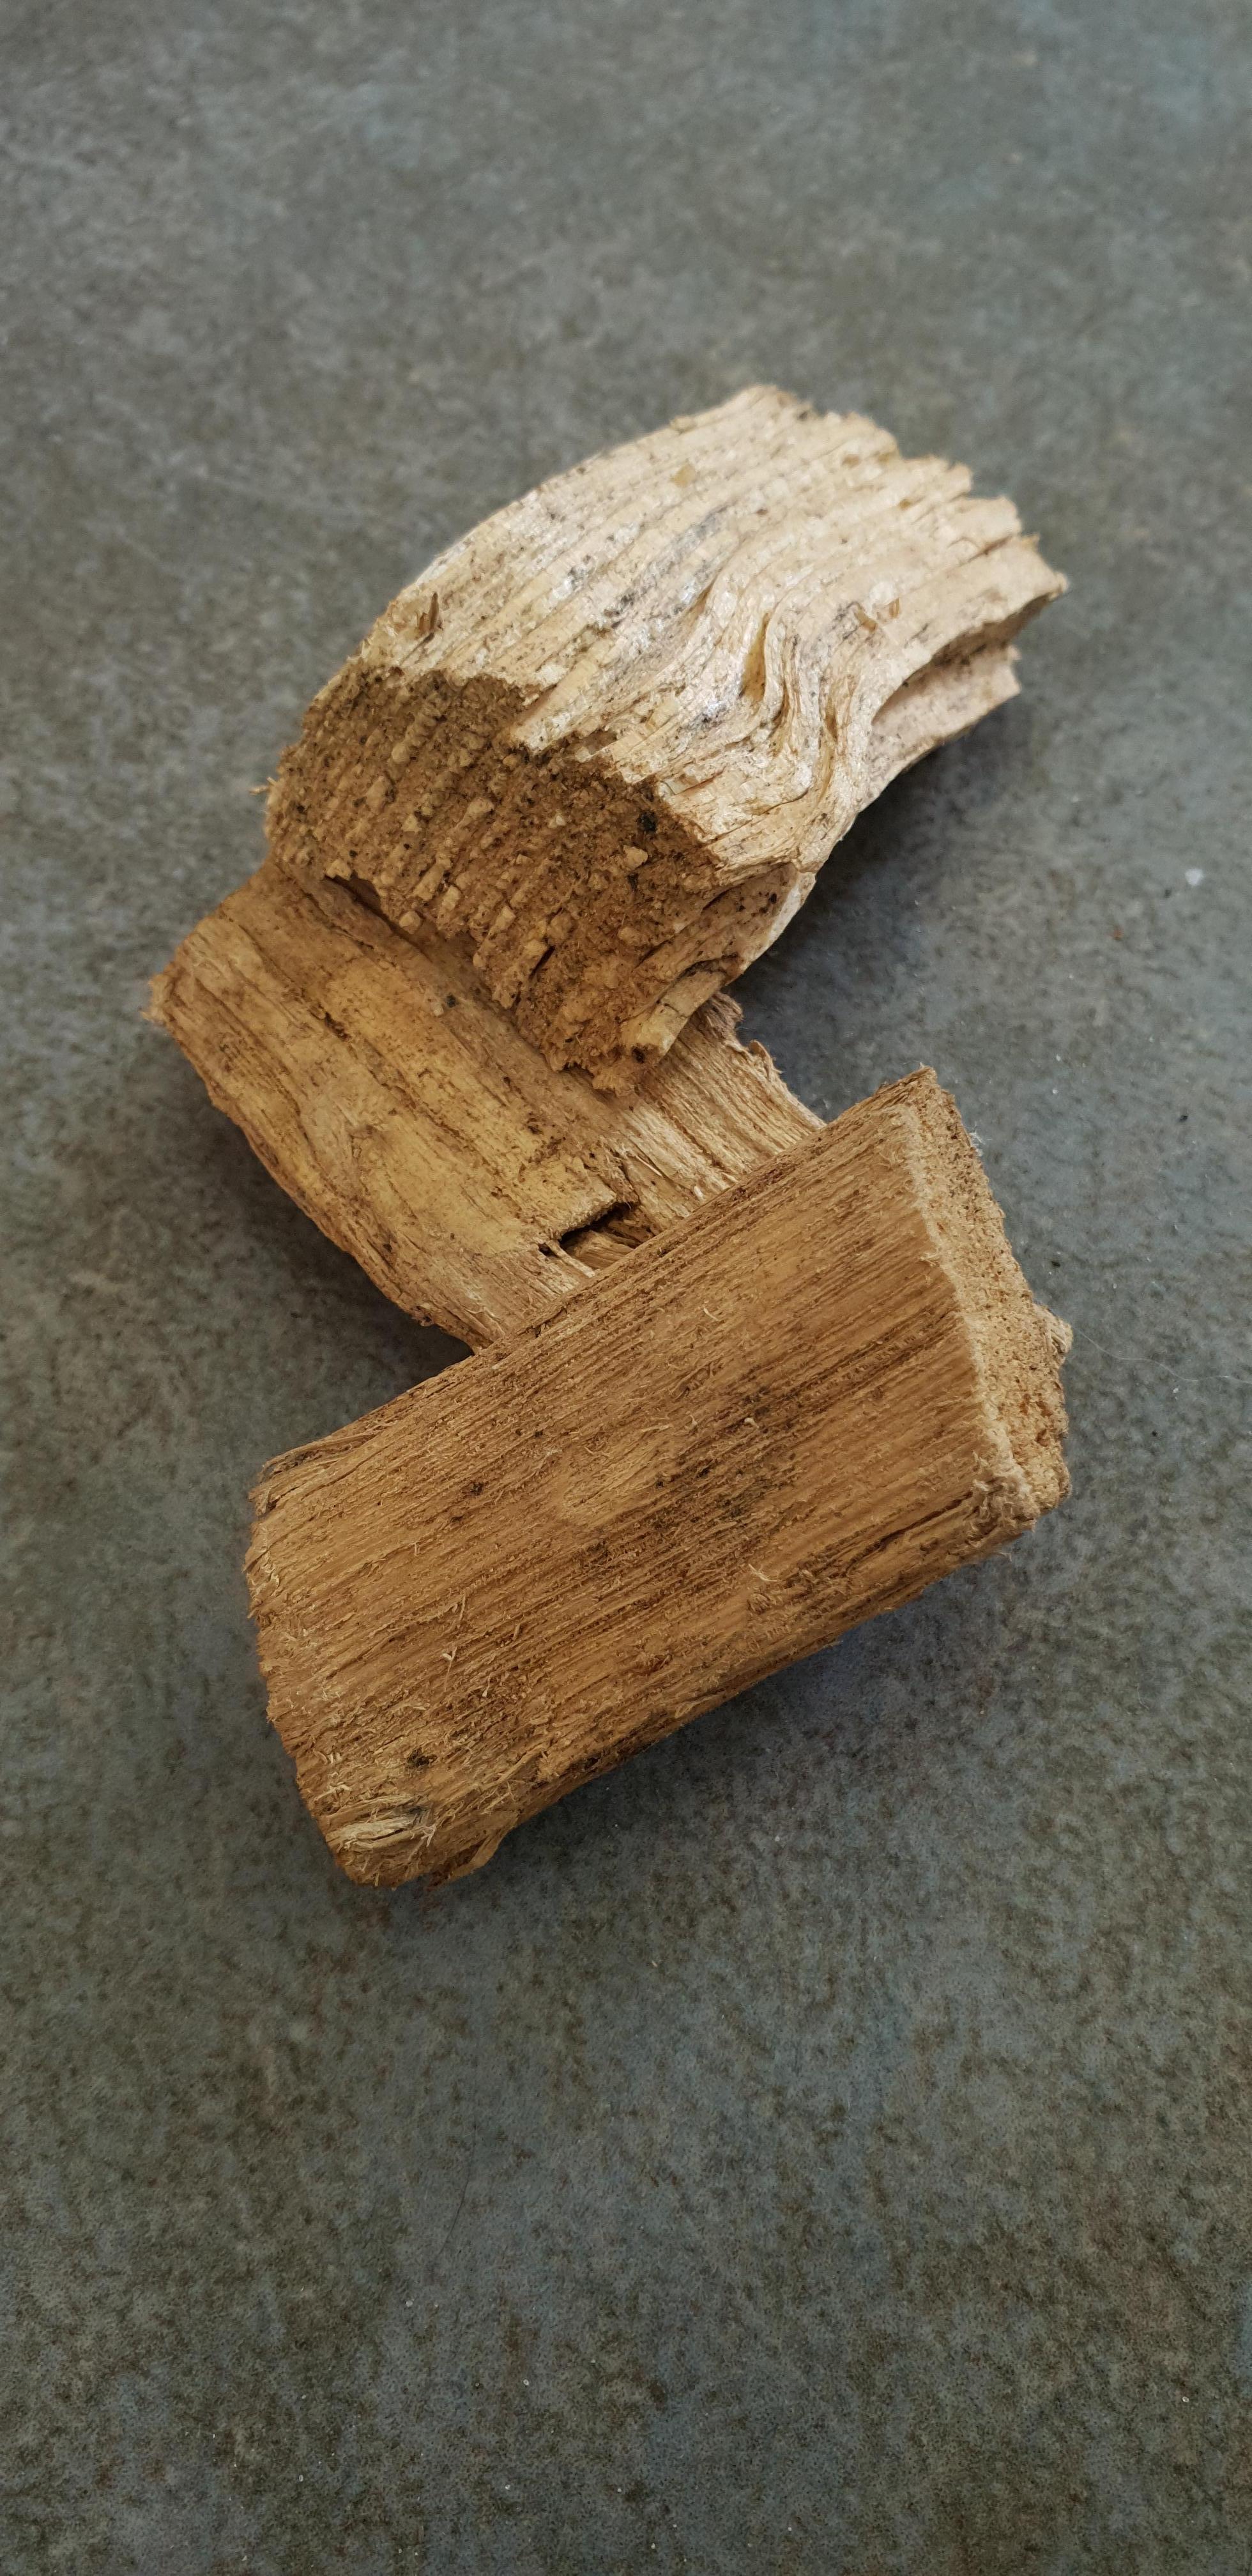 Drie houtsnippers ter grootte van een luciferdoosje.